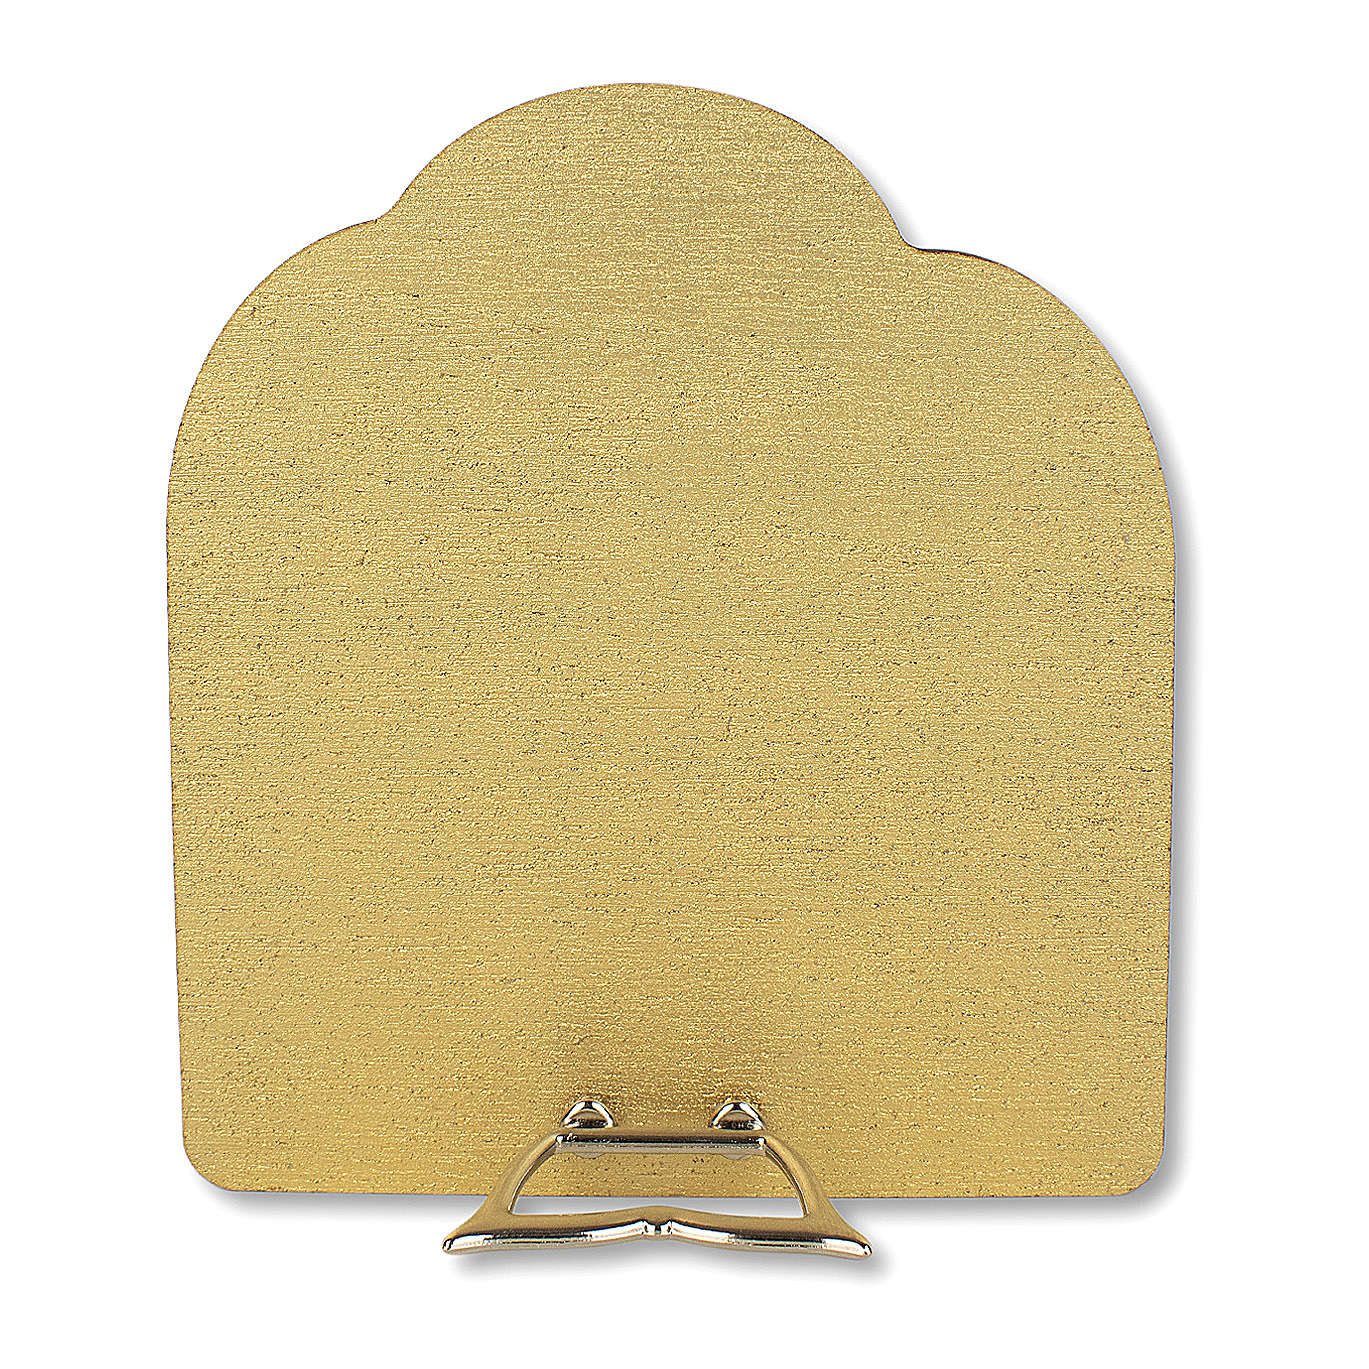 Bonbonnière souvenir Communion Arbre de la vie avec Fille et Calice 10,5x9,5 cm 3